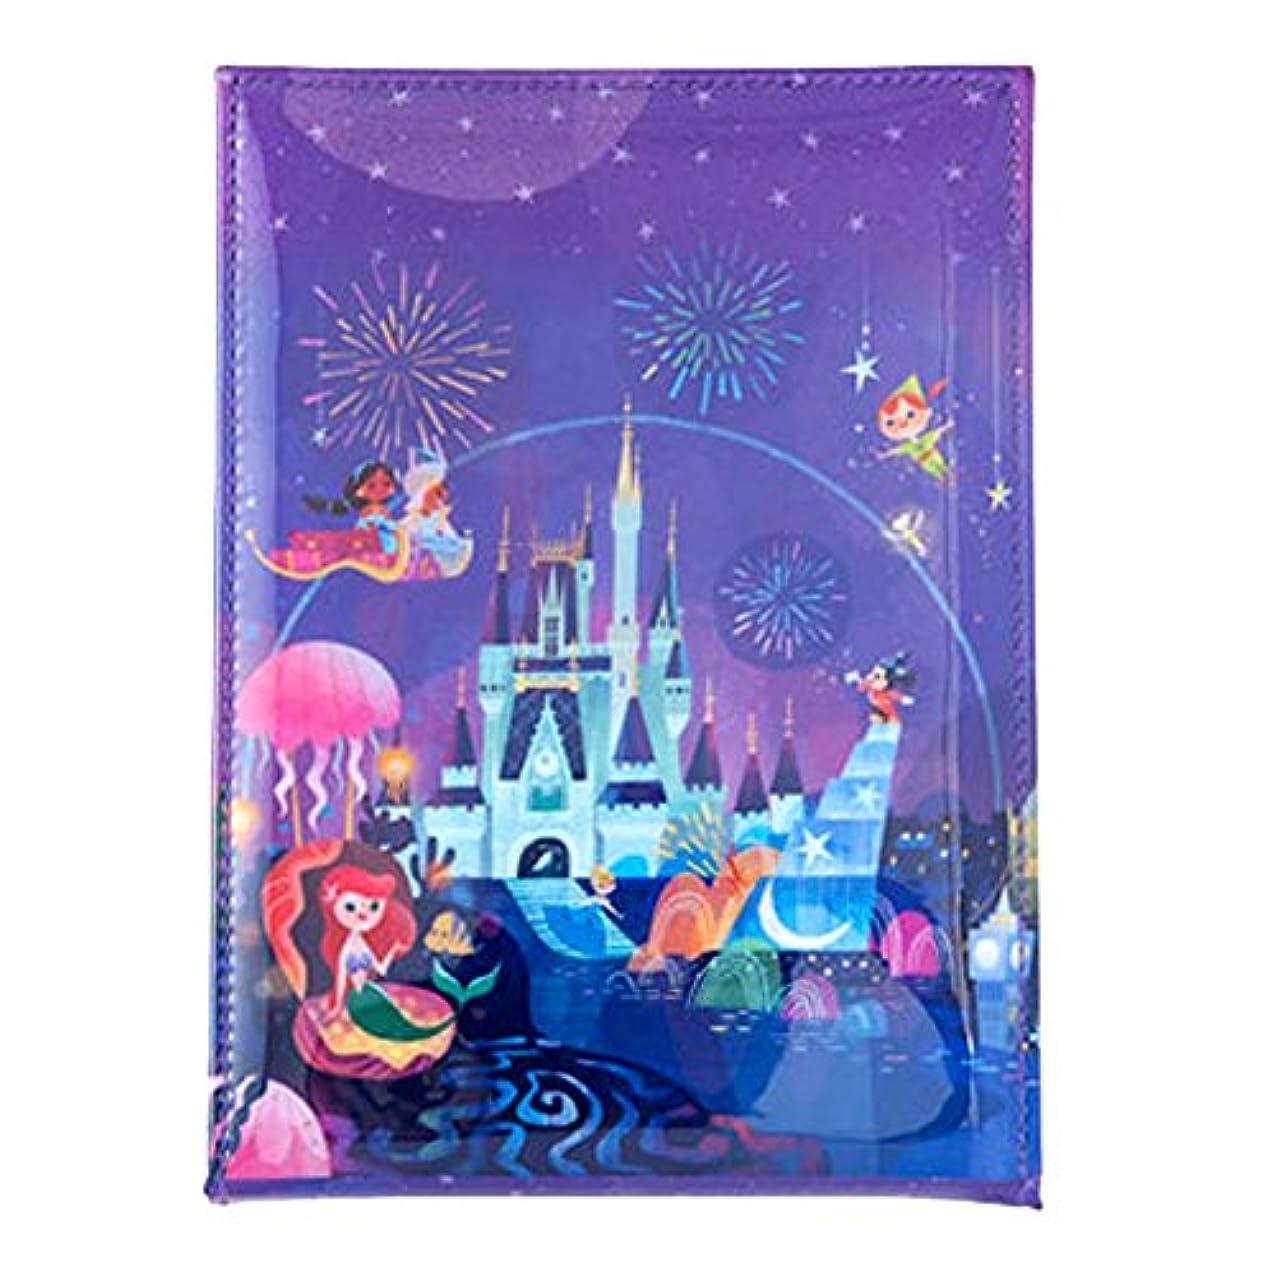 ビーム苦味反響する夜空ファンタジー風 スタンド 式 ミラー ディズニー 鏡 ミッキー アリエル 他 セレブレーションホテル デザイン リゾート 限定